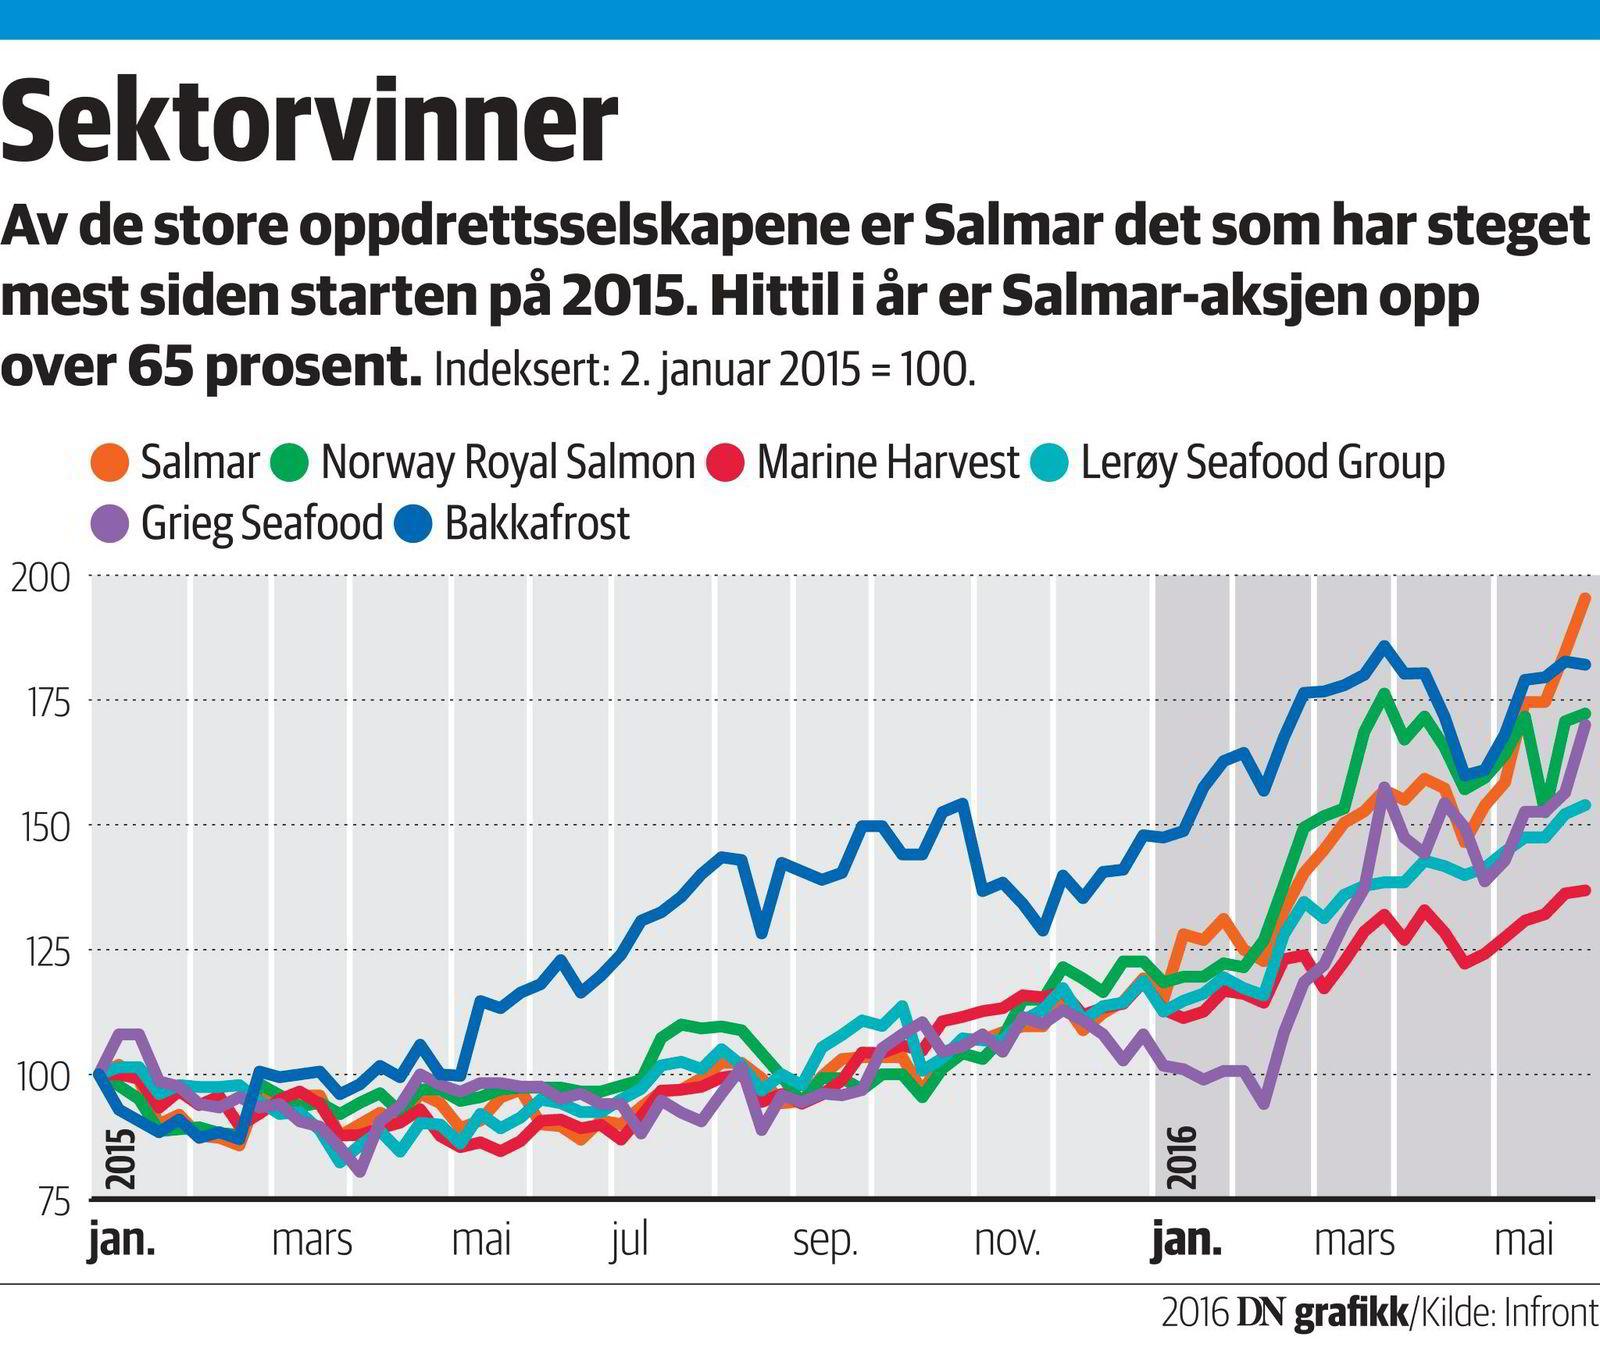 – Vi har kjøpsanbefaling på hele sektoren, sier Nordea Markets-analytiker Kolbjørn Giskeødegård, som tror det sterke laksemarkedet vil vare i flere år.